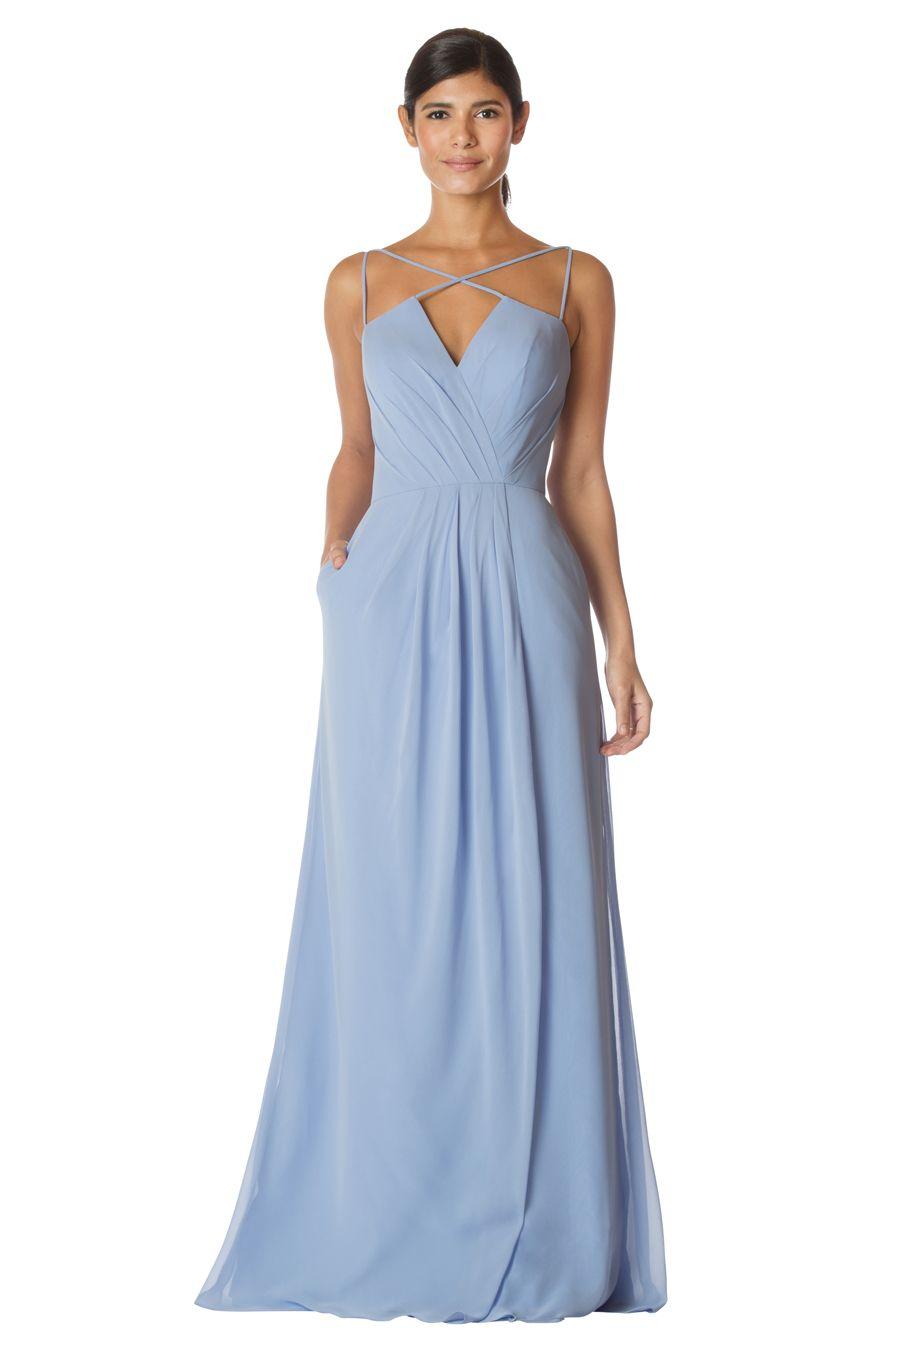 Bari jay bridesmaids style ic and s bari jay blue